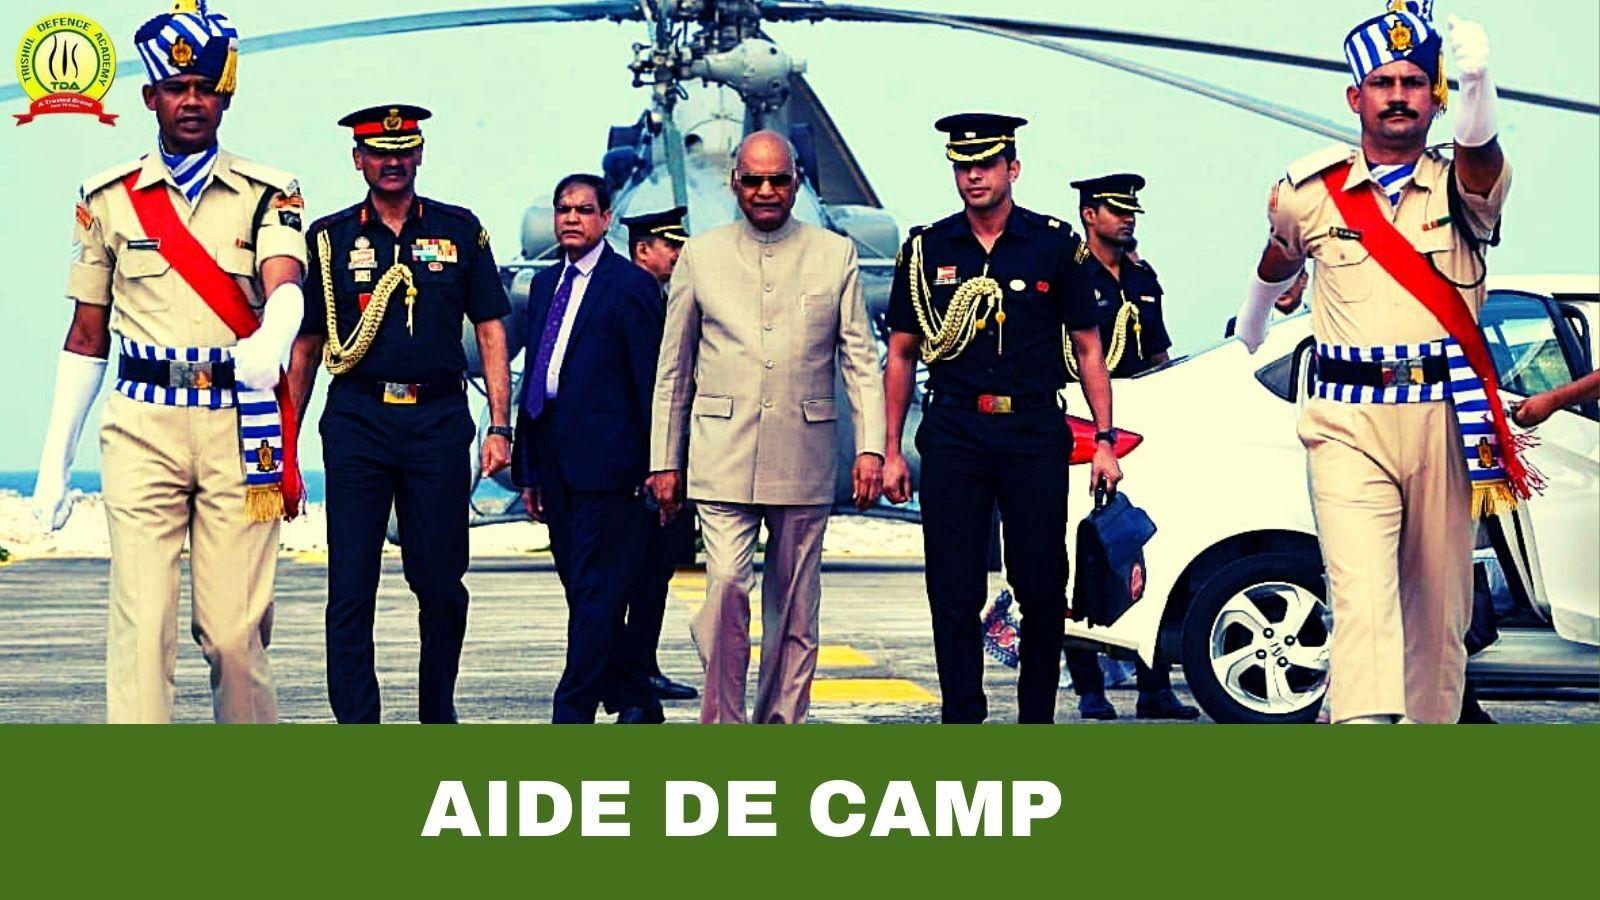 Aide-De-Camp